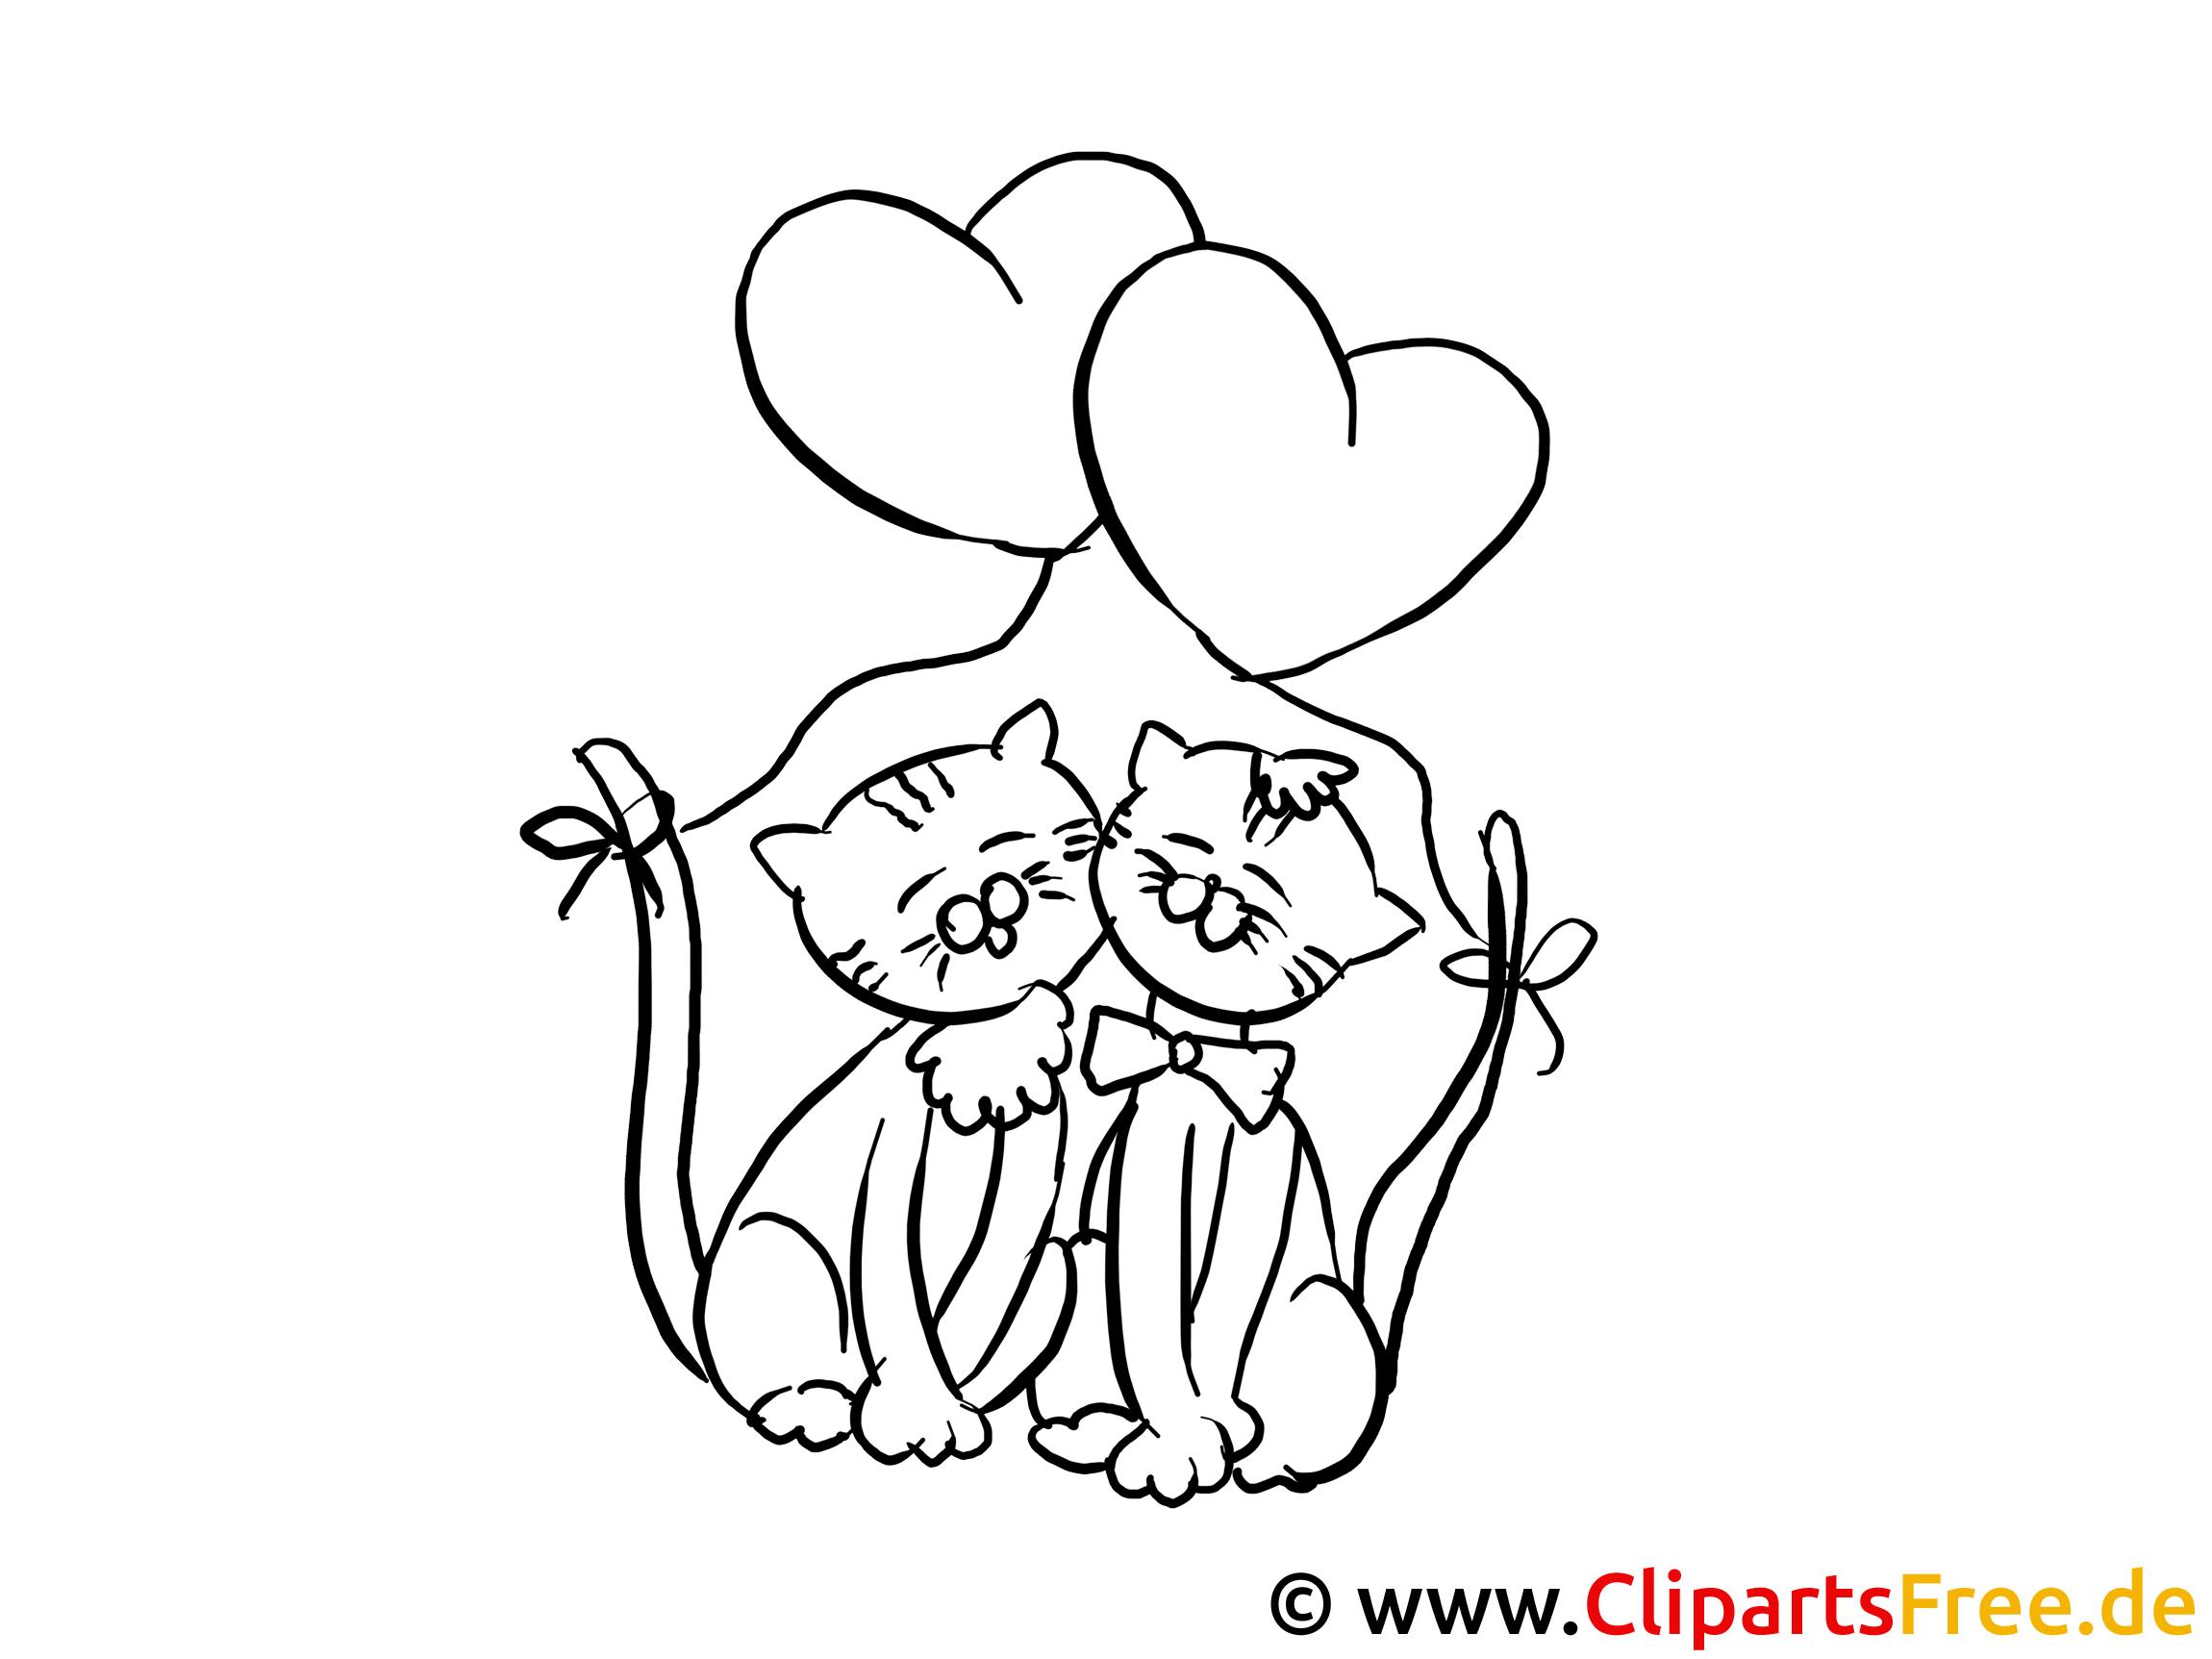 katzen valentinstag ausmalbilder für kinder kostenlos